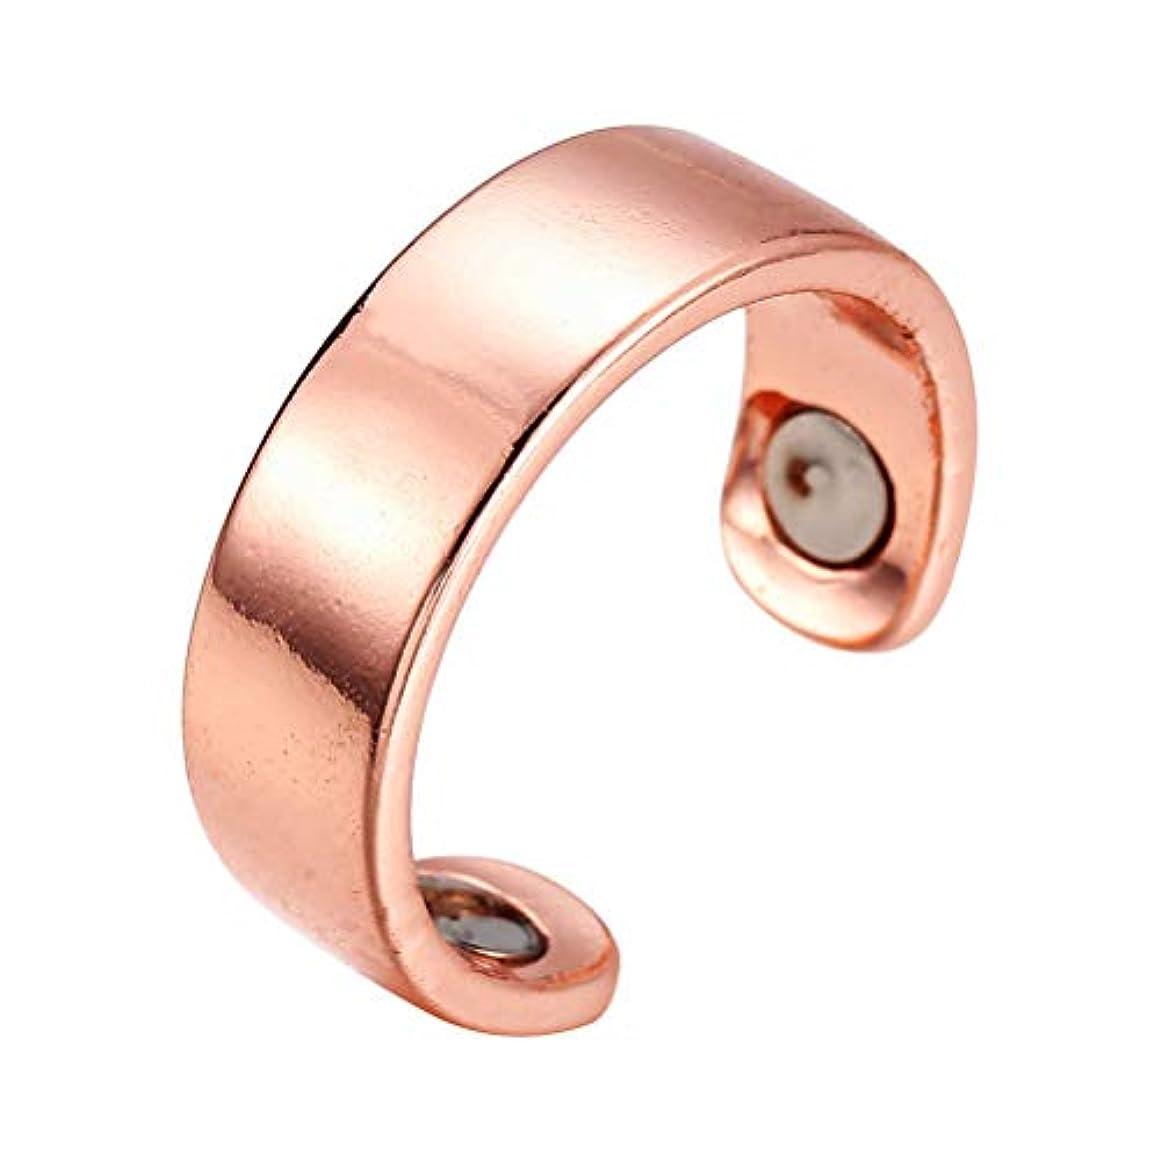 ブレイズ花嫁あたりSUPVOX リング 指輪 磁気リング 調節可能 オープンリング 睡眠呼吸指圧治療停止いびきデバイスヘルスケア磁気療法(ローズゴールデン)